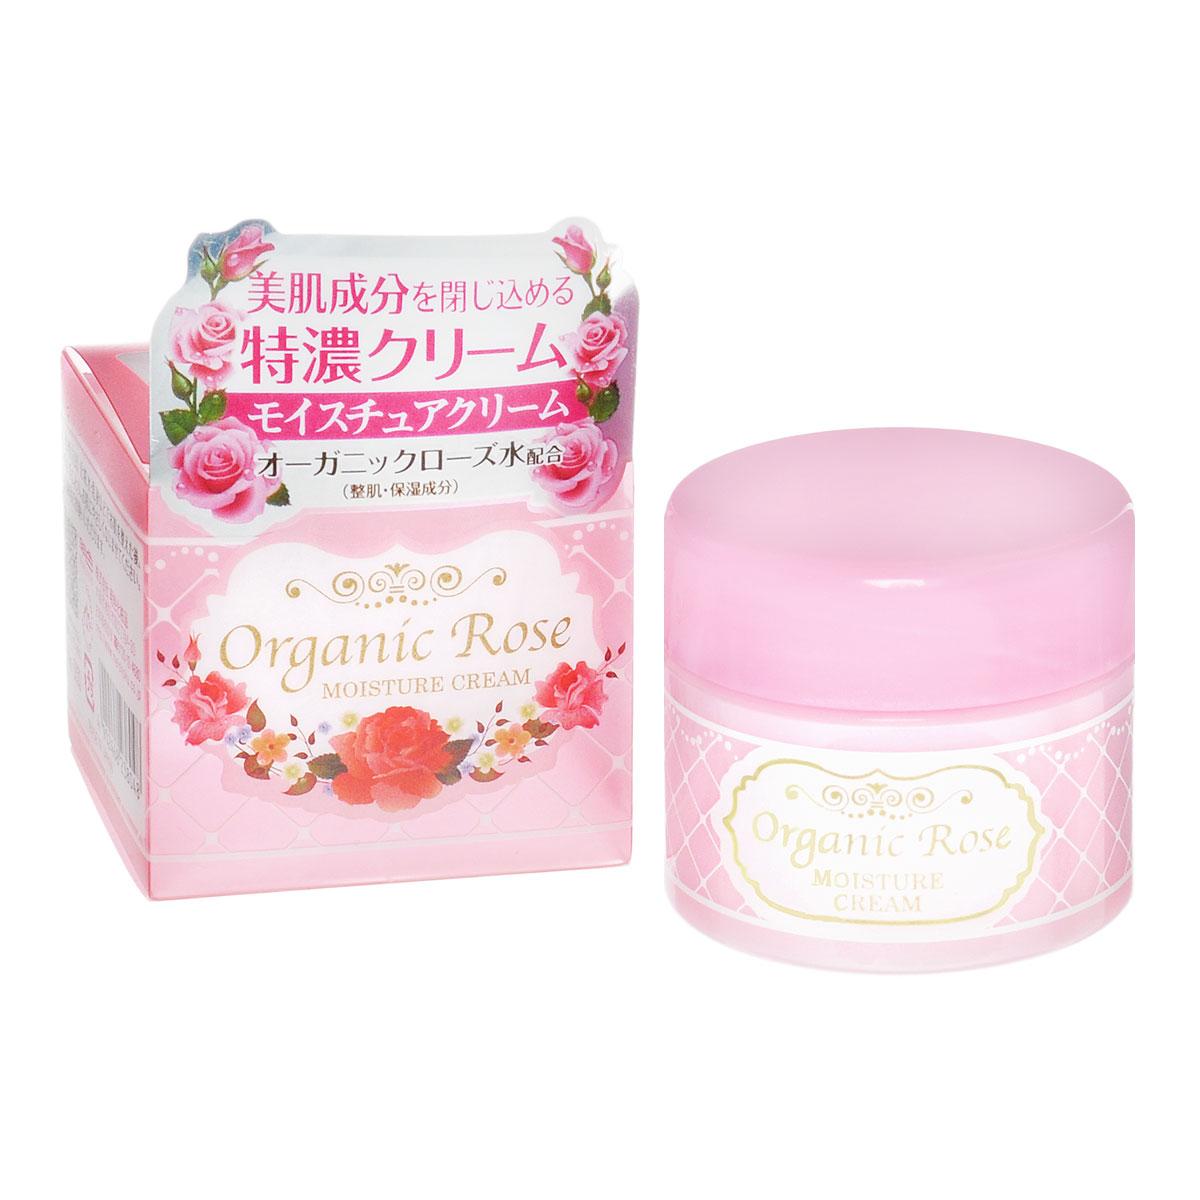 Meishoku Крем для лица Organic Rose, увлажняющий, с экстрактом дамасской розы, 50 г035739Насыщенный увлажняющий крем эффективно защищает кожу от проблем, связанных с сухостью, восстанавливая защитный барьер и создавая невидимую пленку. Делает кожу упругой и эластичной. В состав крема входит экстракт ячменя, удерживающий влагу в коже, масло Ши –защитный компонент, а также цветочную воду дамасской розы - компонент, нормализующий состояние кожи. Экстракт дамасской розы освежает и тонизирует уставшую кожу, насыщает ее витаминами.Товар сертифицирован.